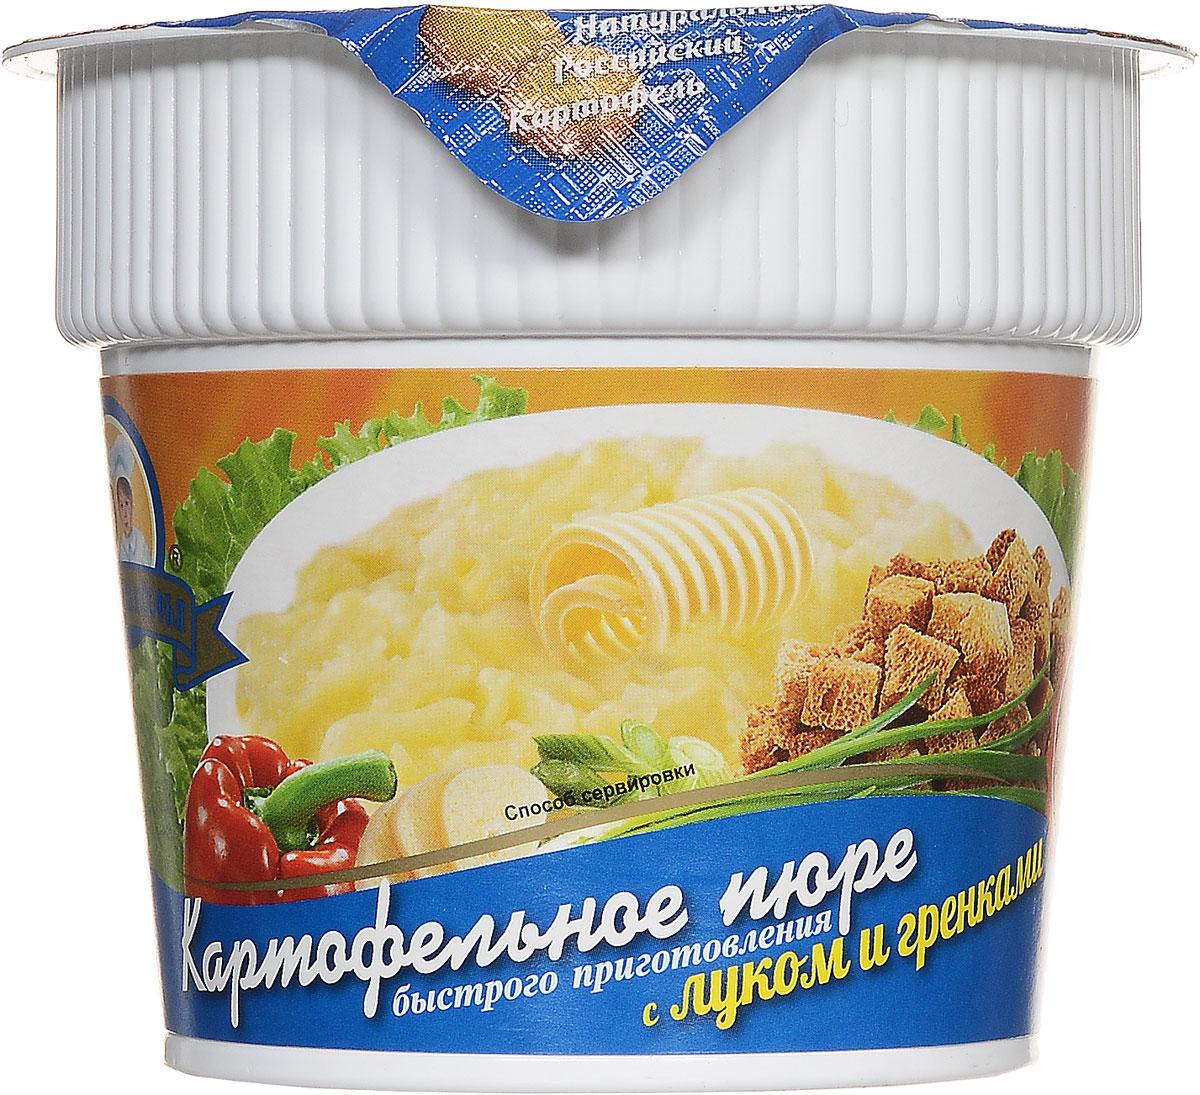 """Картофельное пюре быстрого приготовления """"Александра и Софья"""" с луком и гренками. Способ приготовления: Залить содержимое стаканчика кипящей водой. Перемешать, закрыть крышкой. Через 3-4 минуты пюре готово. Приятного аппетита!"""